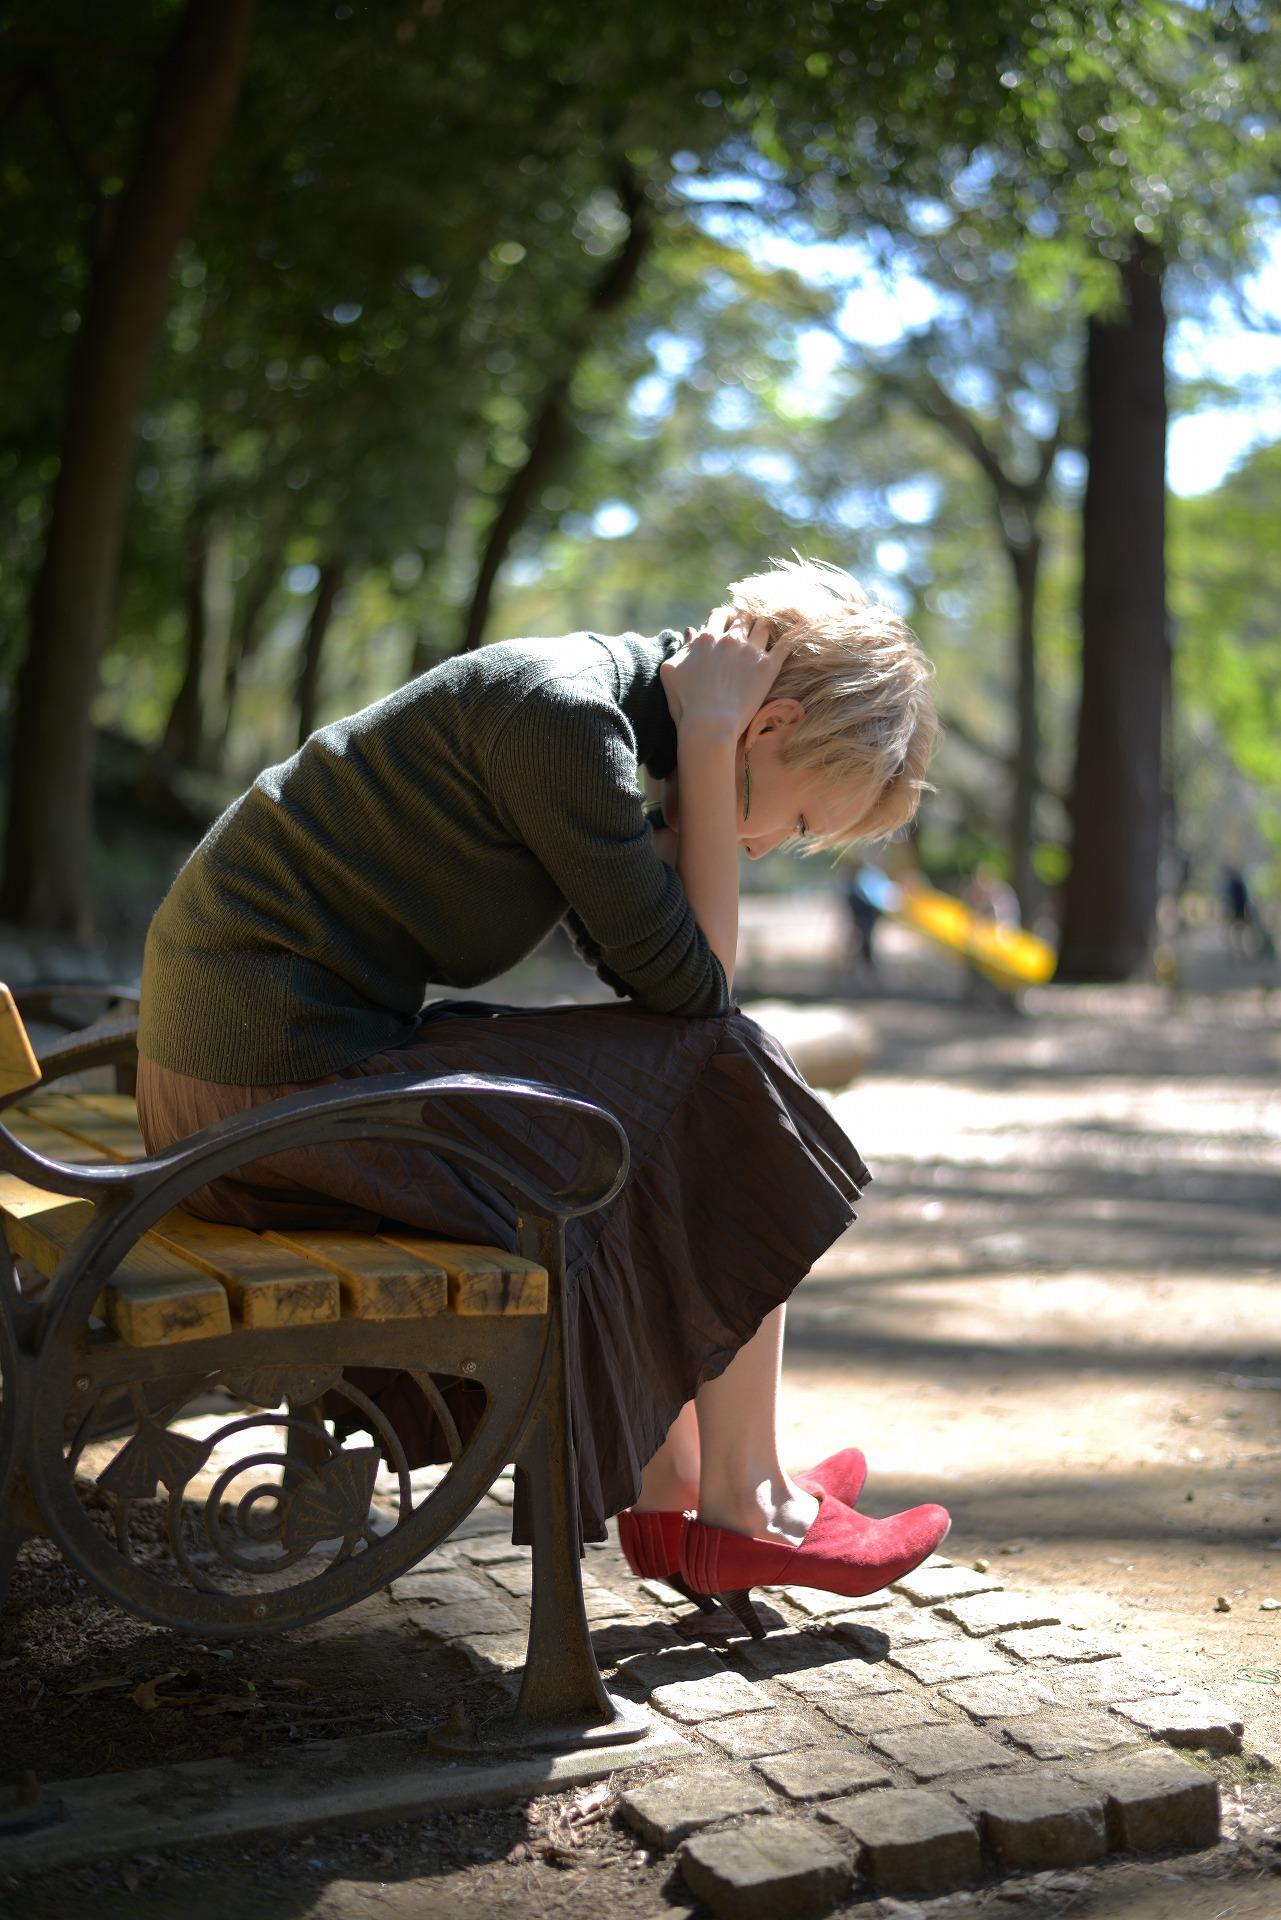 公園のベンチで「どうしたらいいの」と落ち込む女性